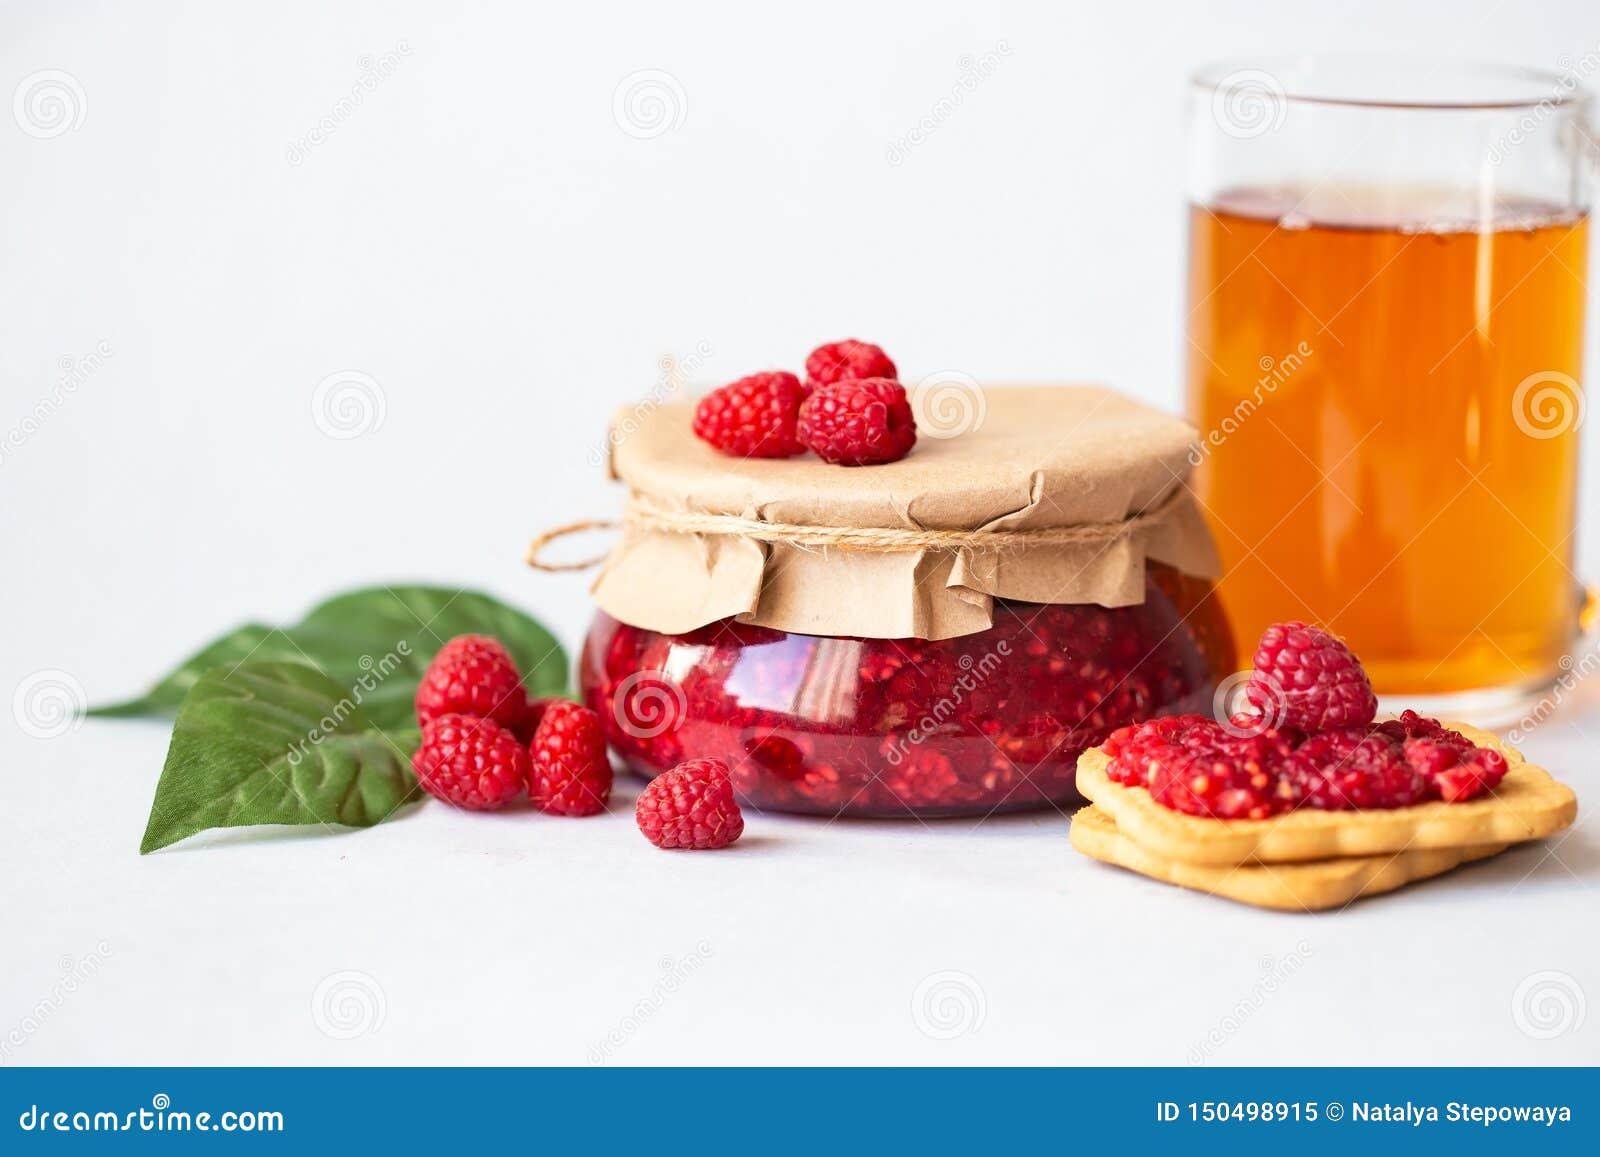 Σμέουρα με τη ζάχαρη, υγιή φρέσκα σμέουρα, σπιτική μαρμελάδα σε ένα βάζο, πρόγευμα πρωινού σε ένα ελαφρύ υπόβαθρο